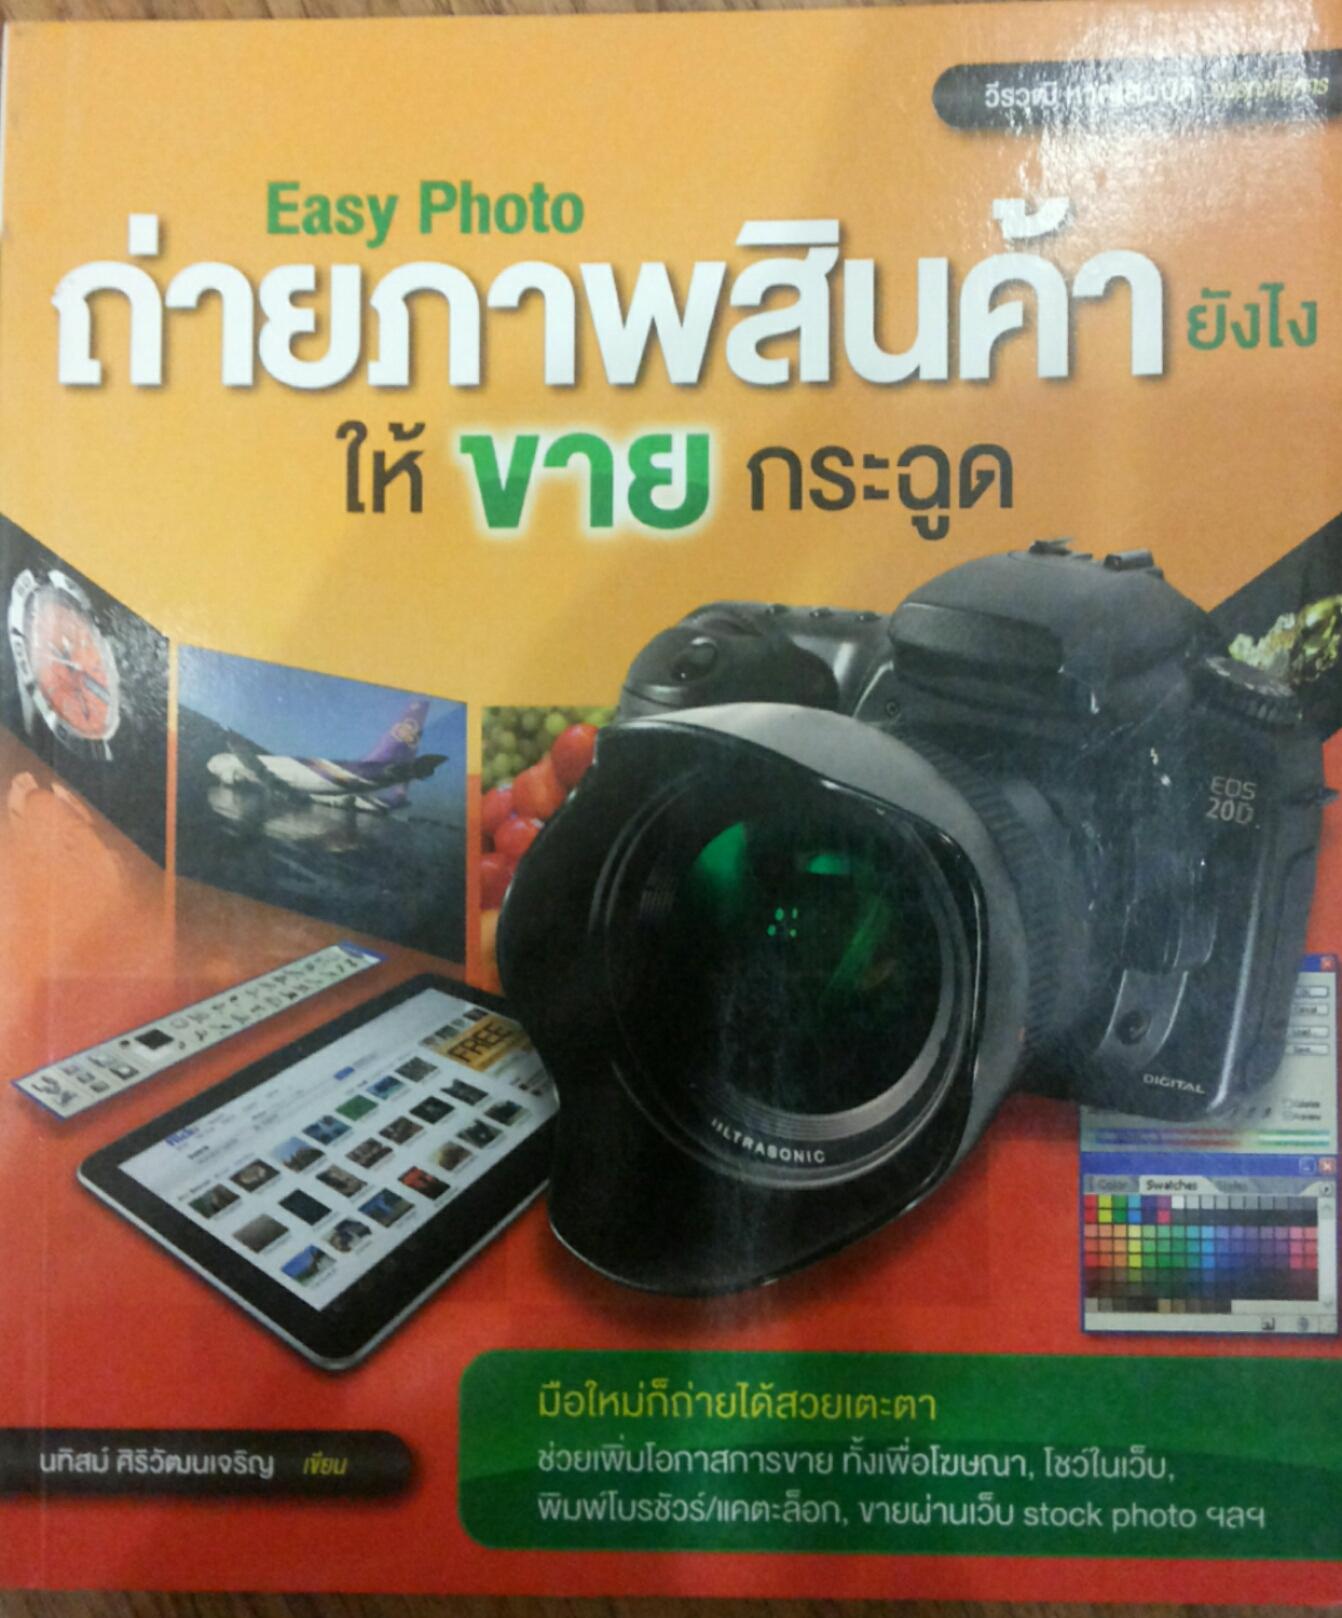 Easy Photo ถ่ายภาพสินค้ายังไงให้ขายกระฉูด